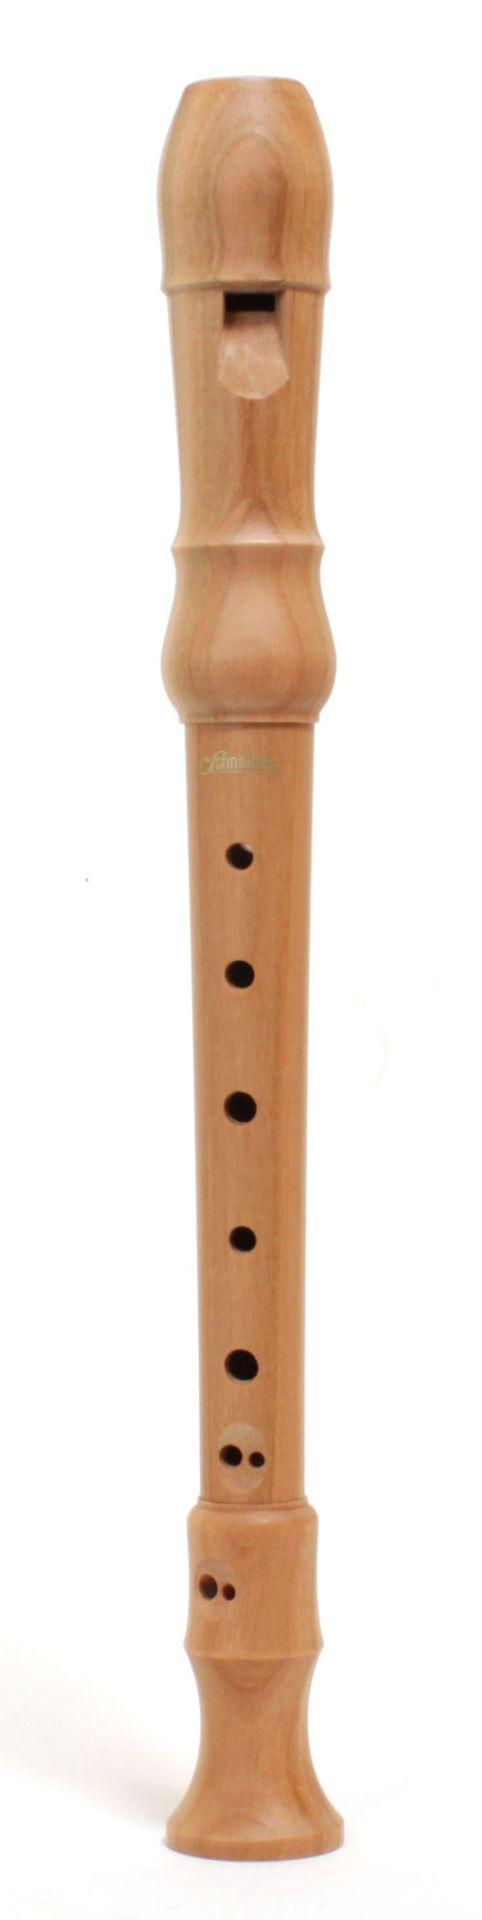 Schneider Blockflöte 40804-sek Sopran Kirschbaum natur barock 3-teilig